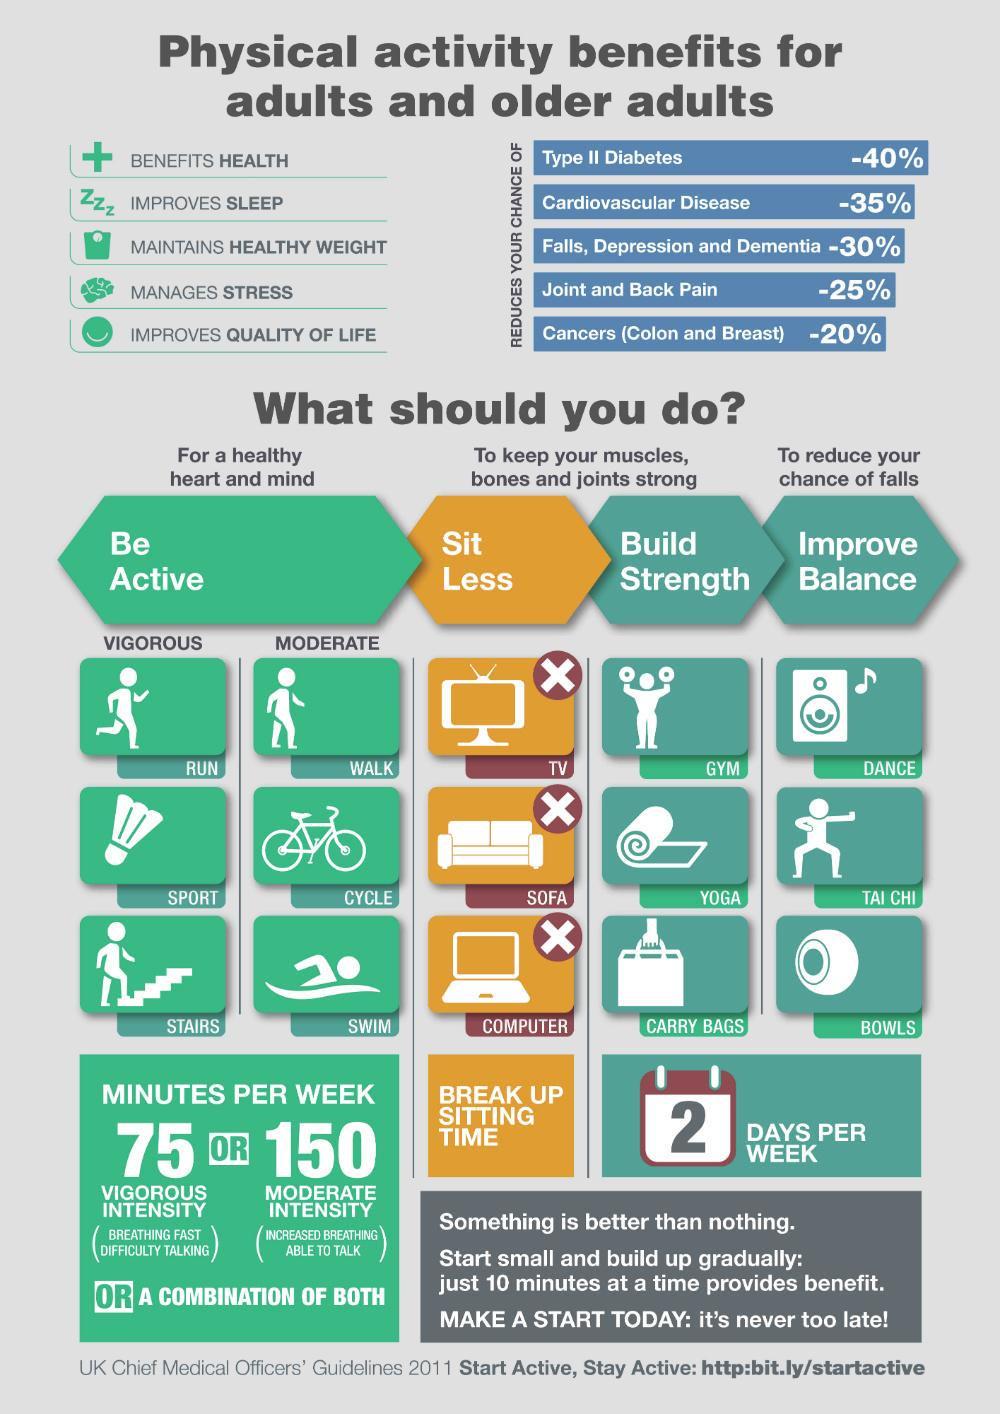 Рекомендуемая физическая активность для взрослых людей